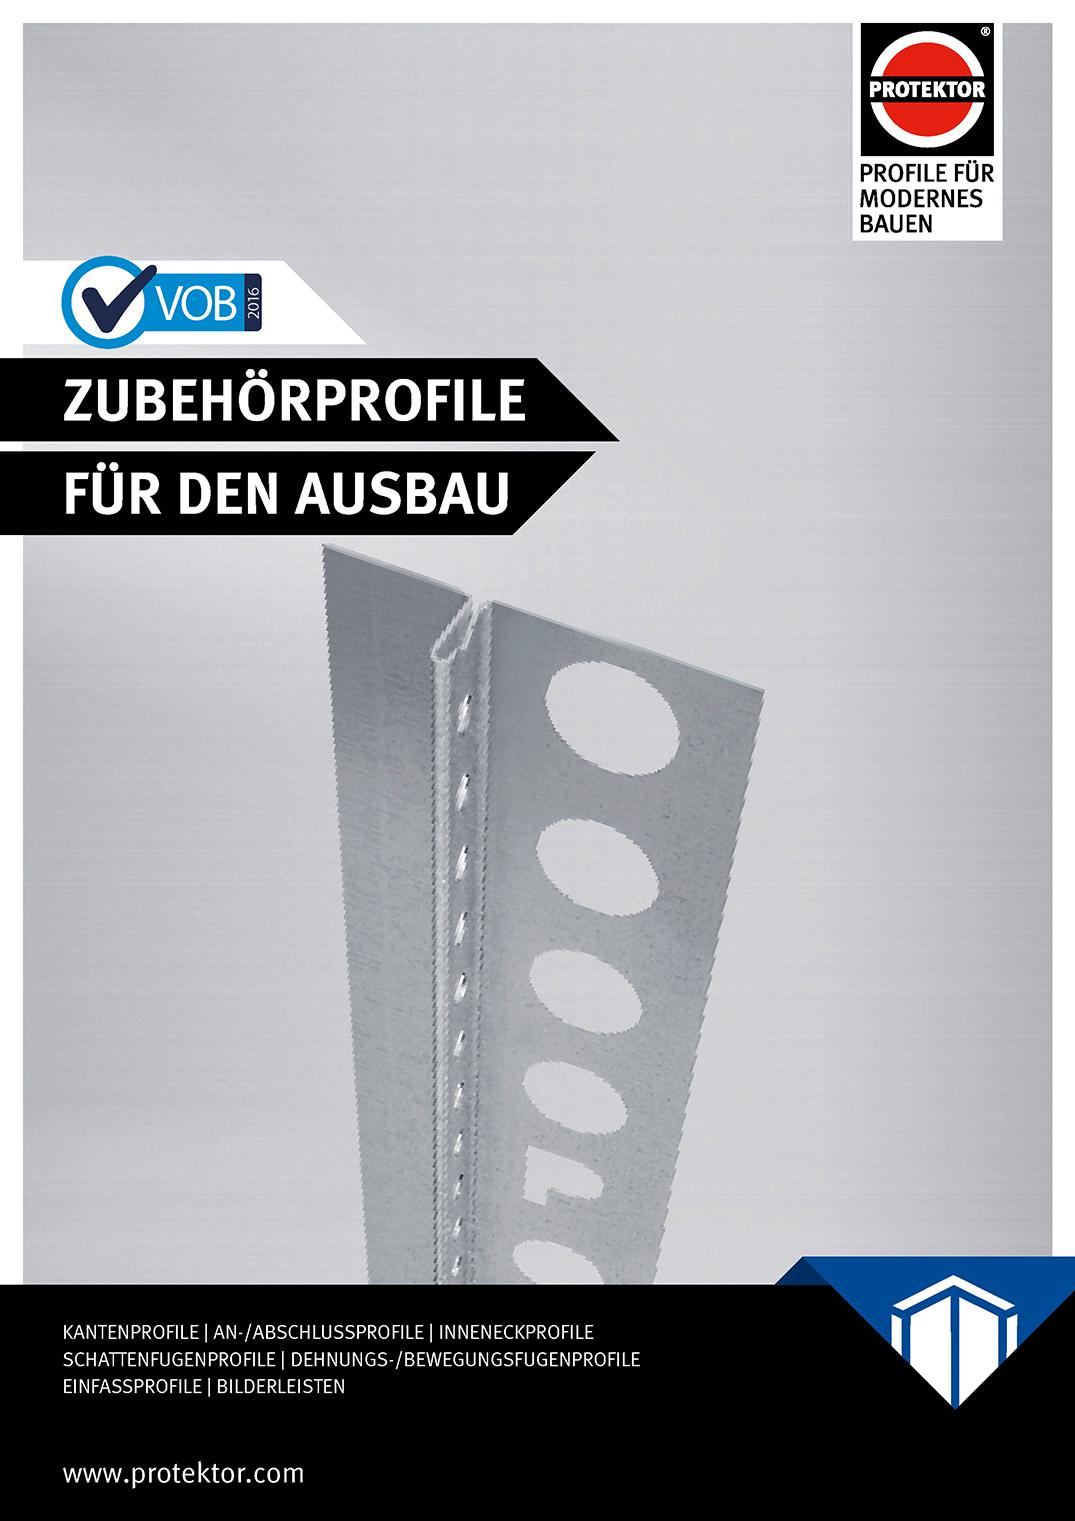 Katalog VOB Zubehörprofile für den Ausbau